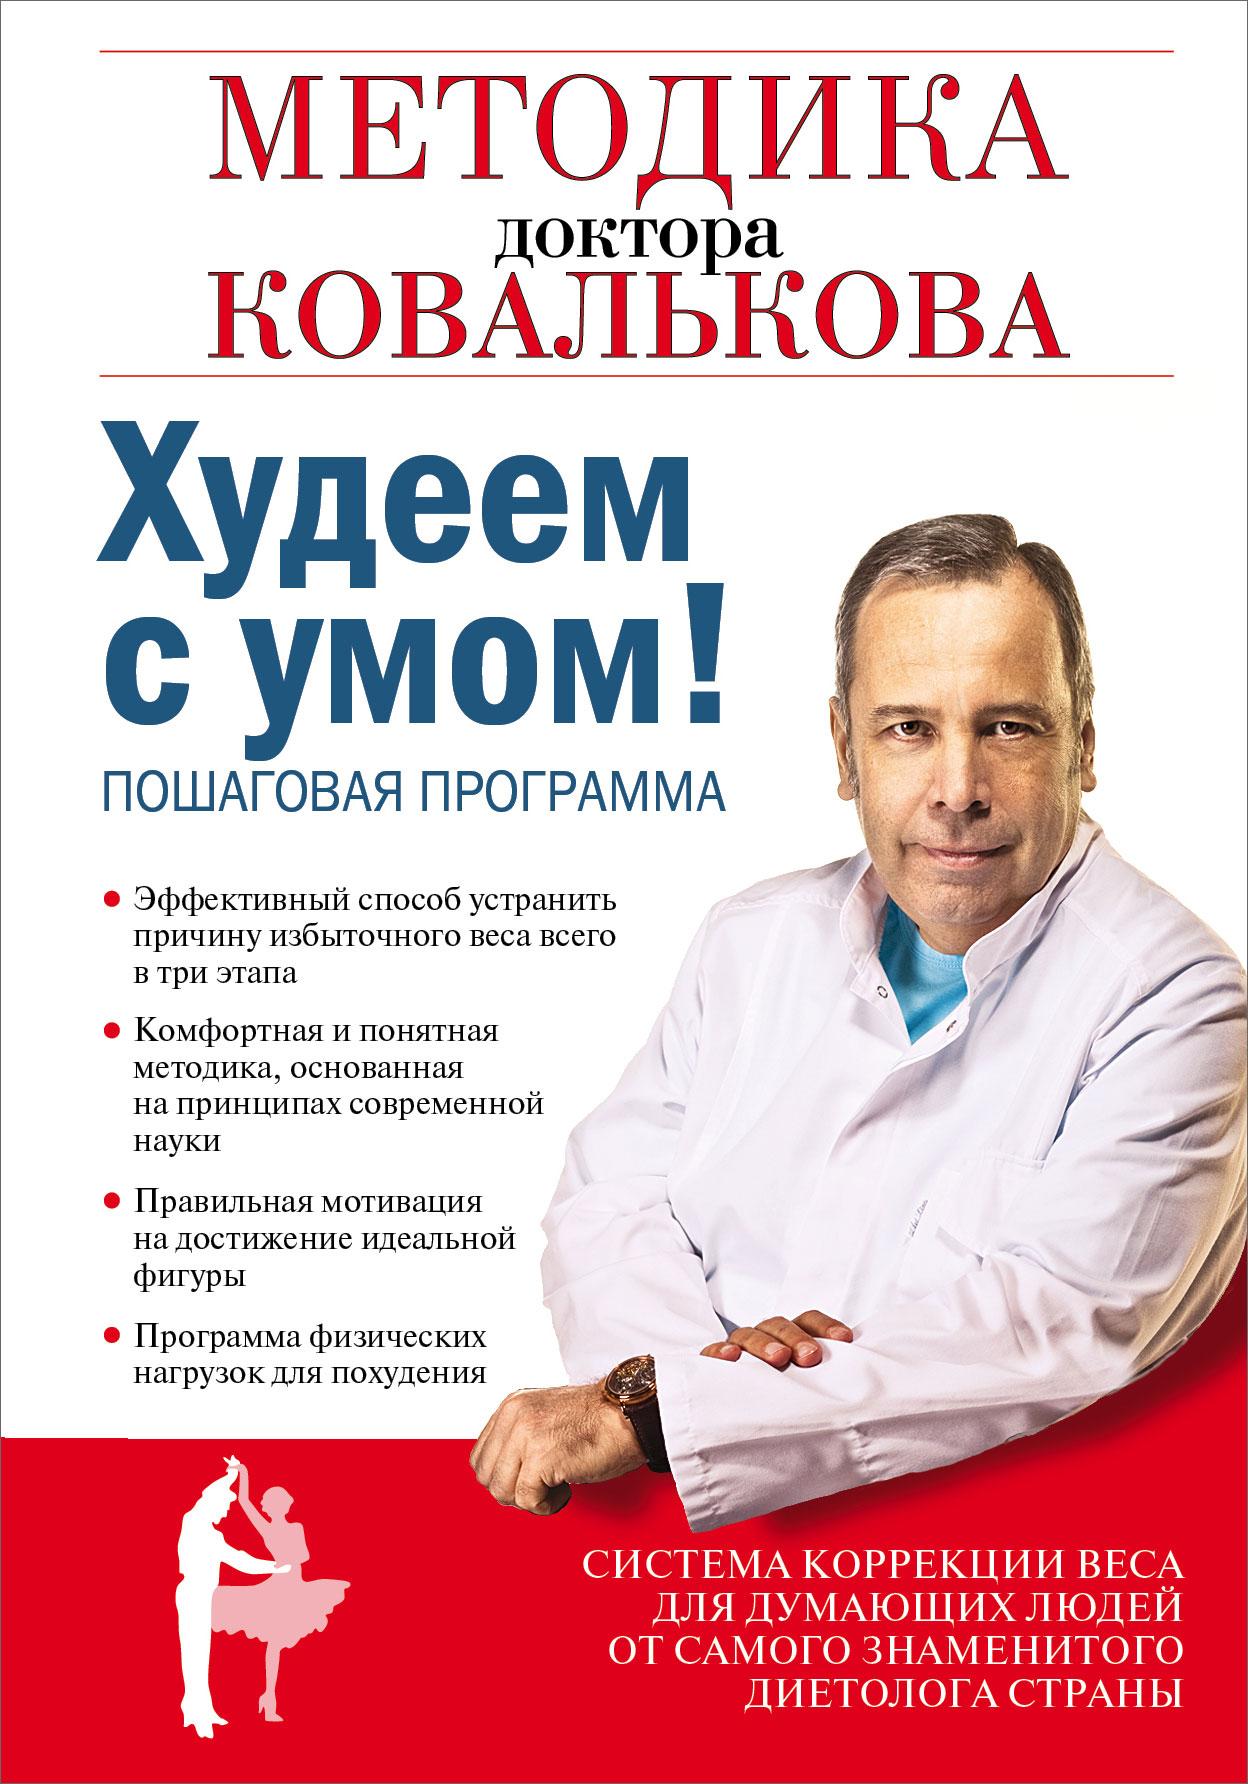 Диетолог Ковальков Методы Похудения.